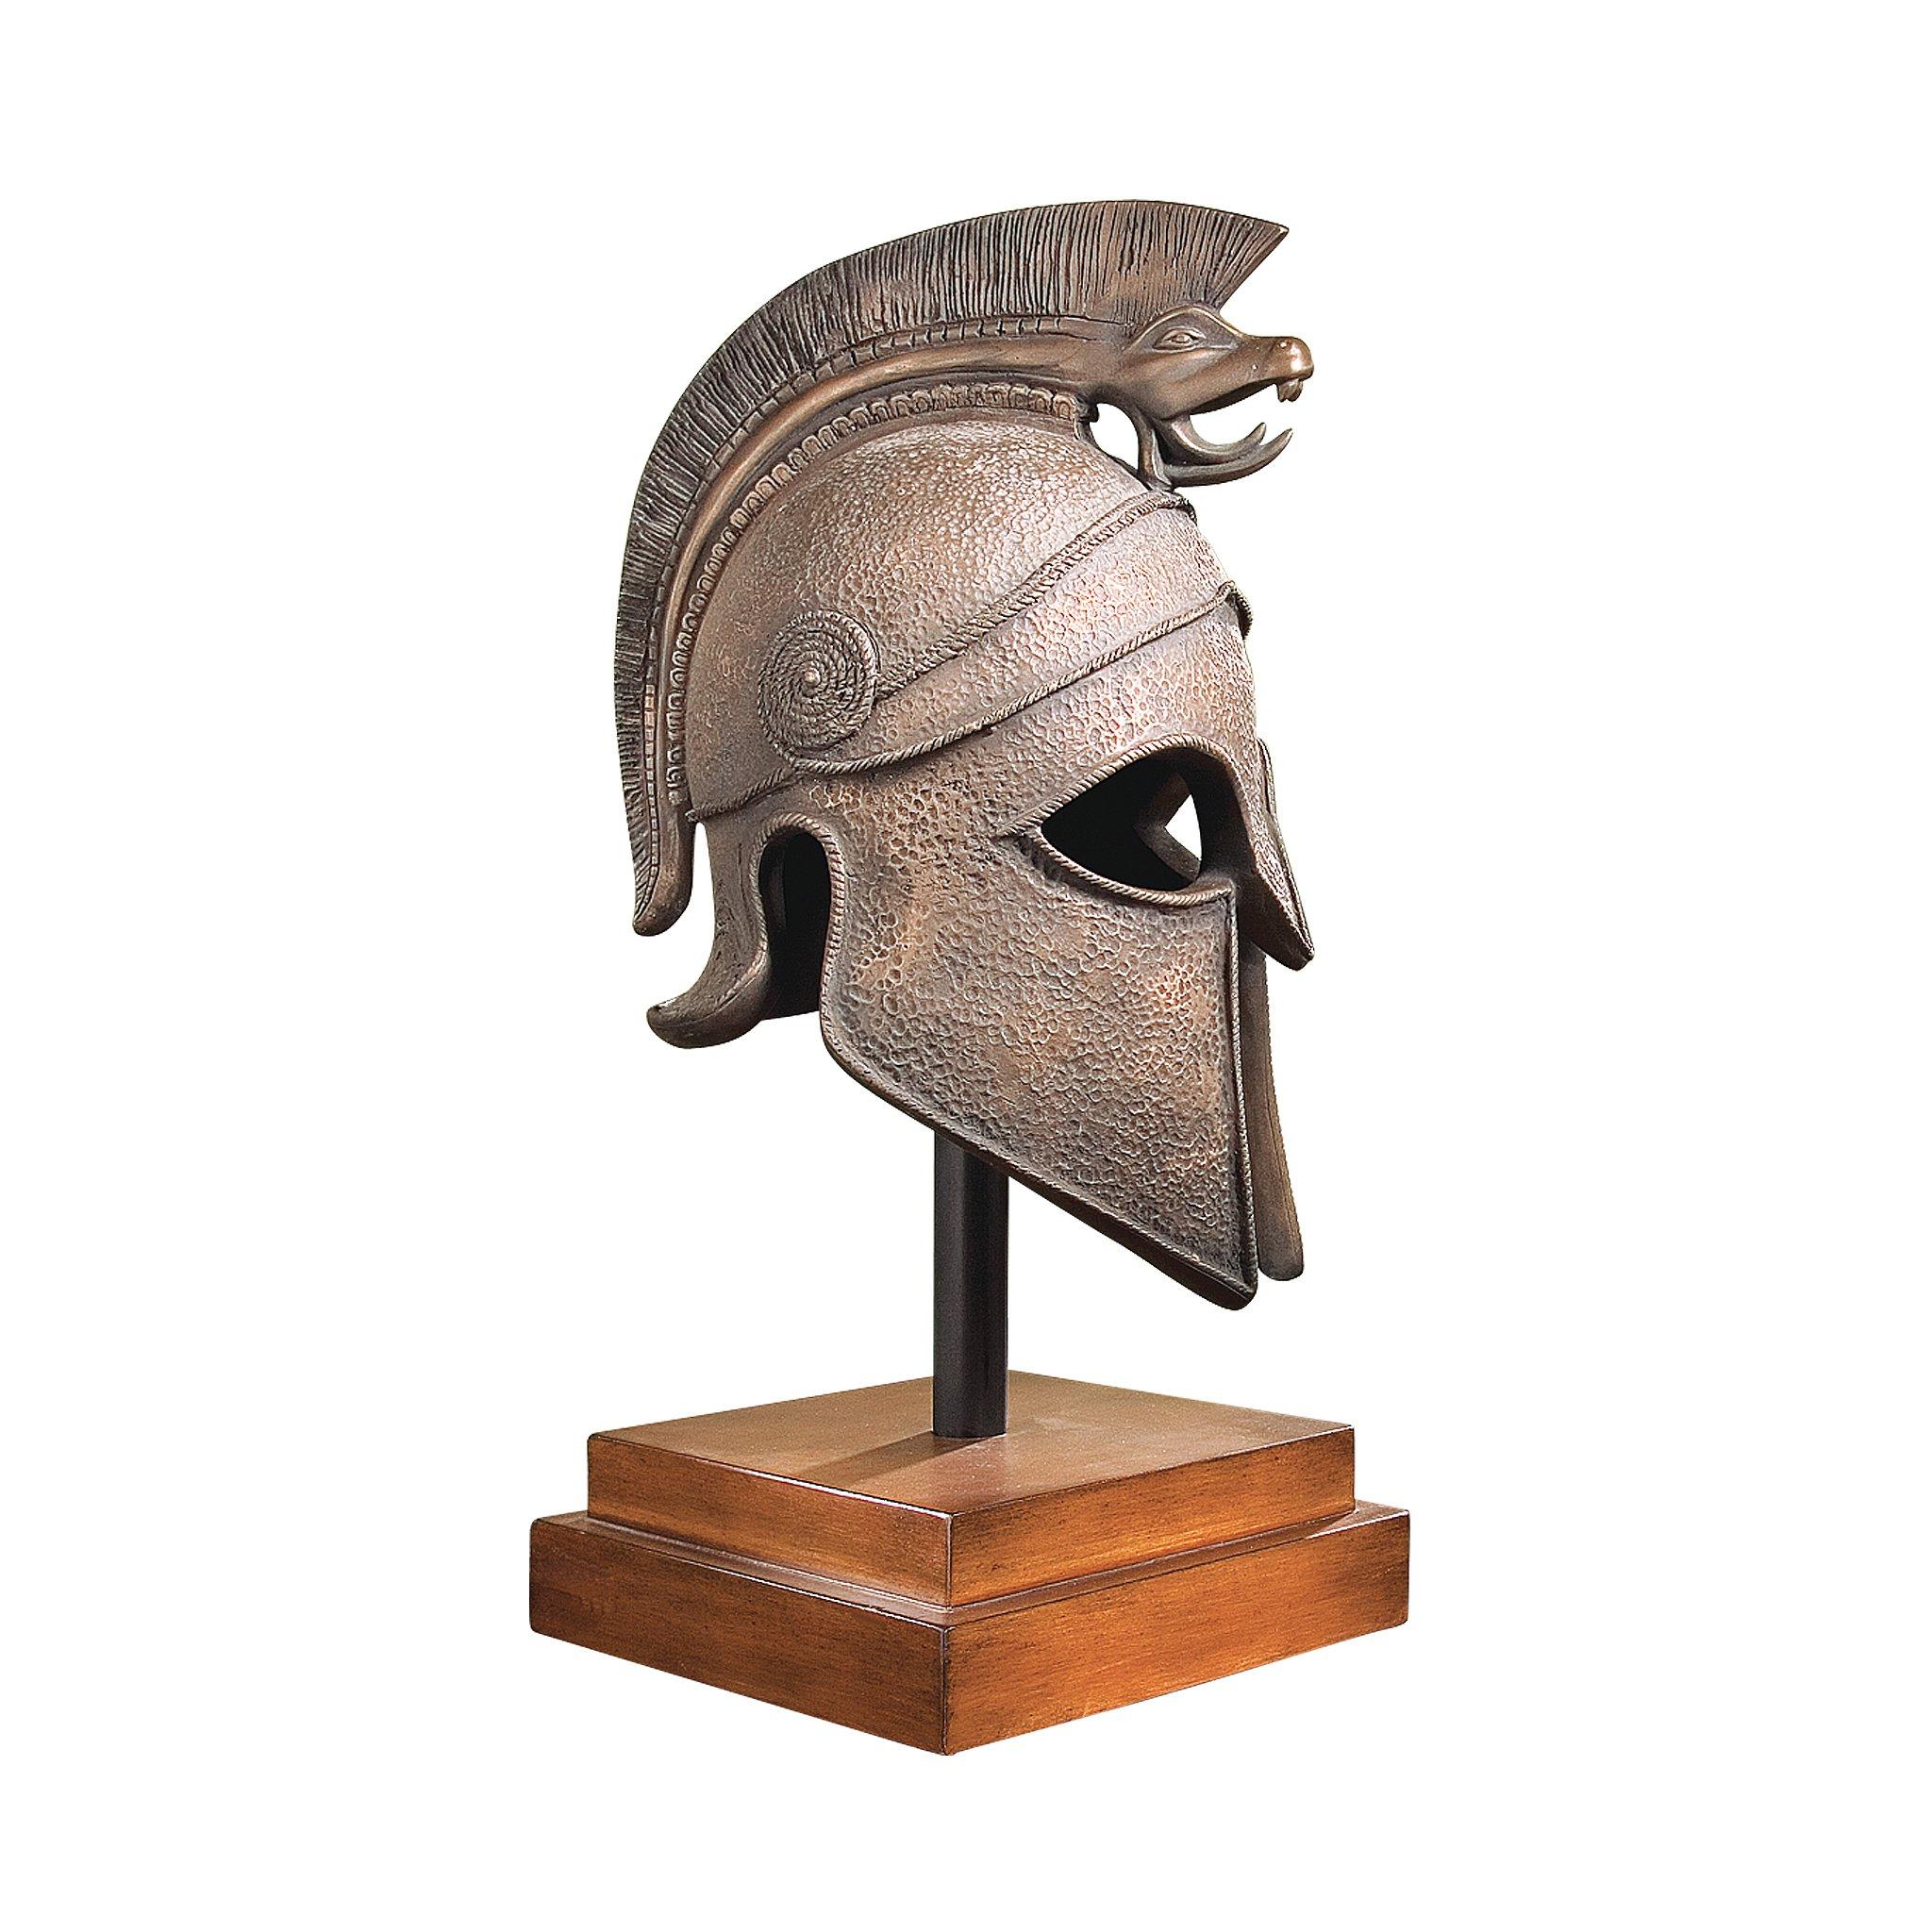 Design Toscano Macedonian Battle Helmet Museum Sculpture in Antique Bronze